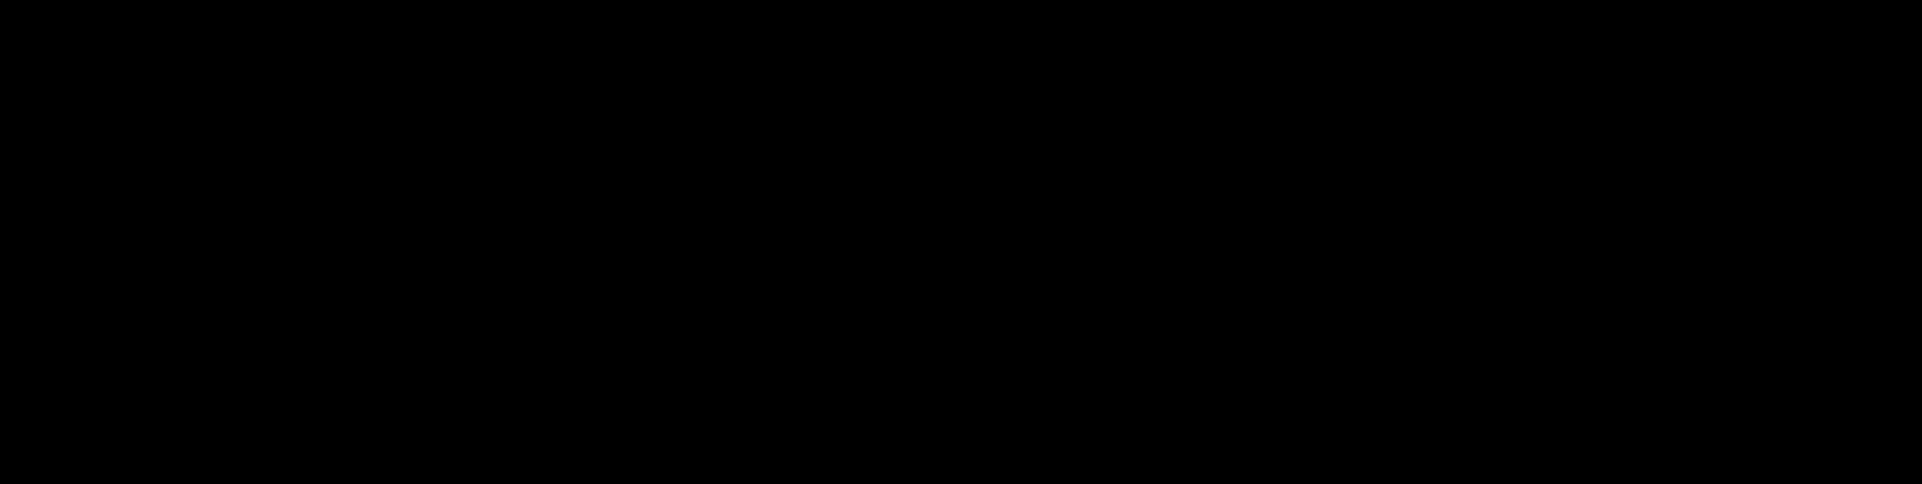 Coiffeur Wettstein Logo